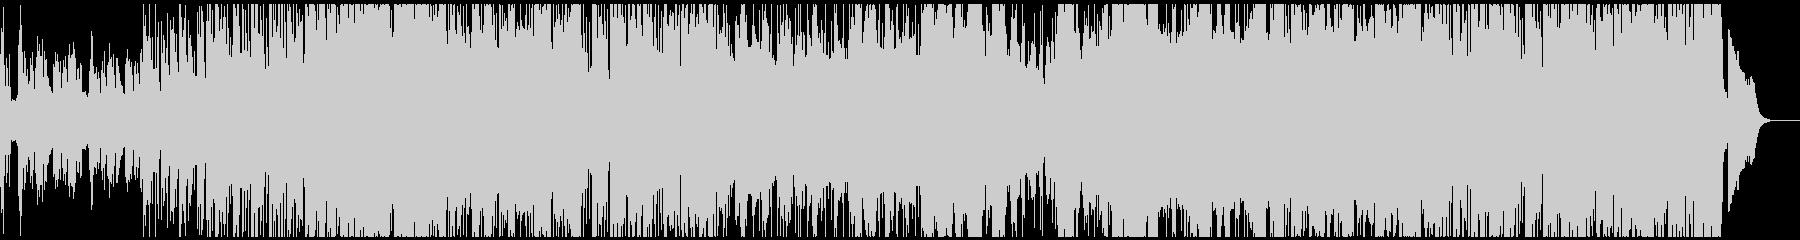 ファンタジー都市BGM(民族調)の未再生の波形